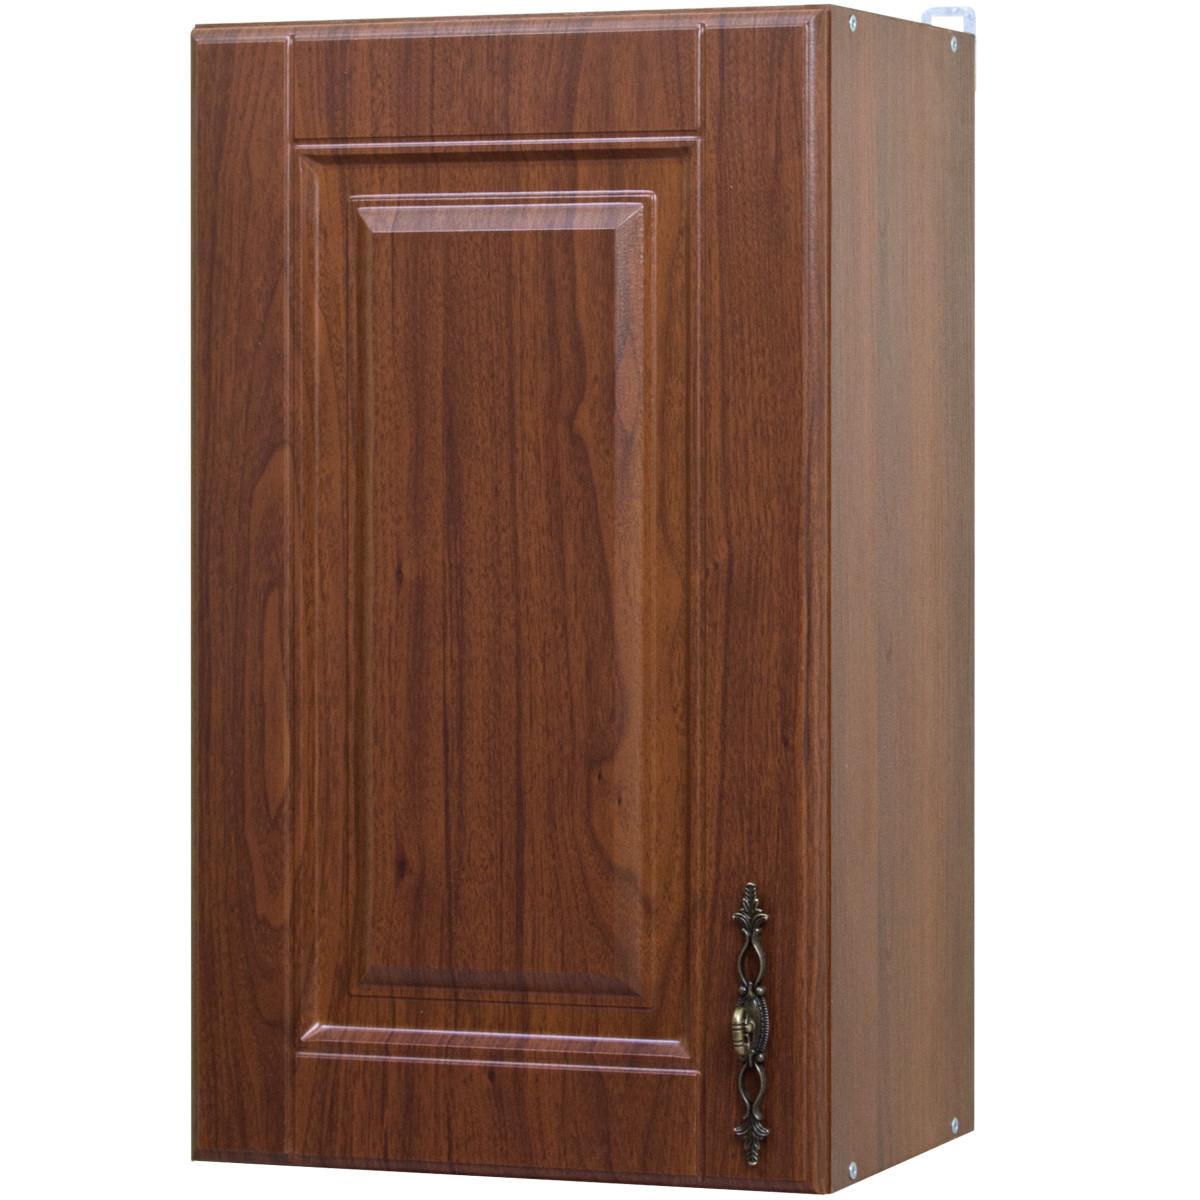 Шкаф навесной Орех Аква 40x68x29 см ЛДСП цвет коричневый